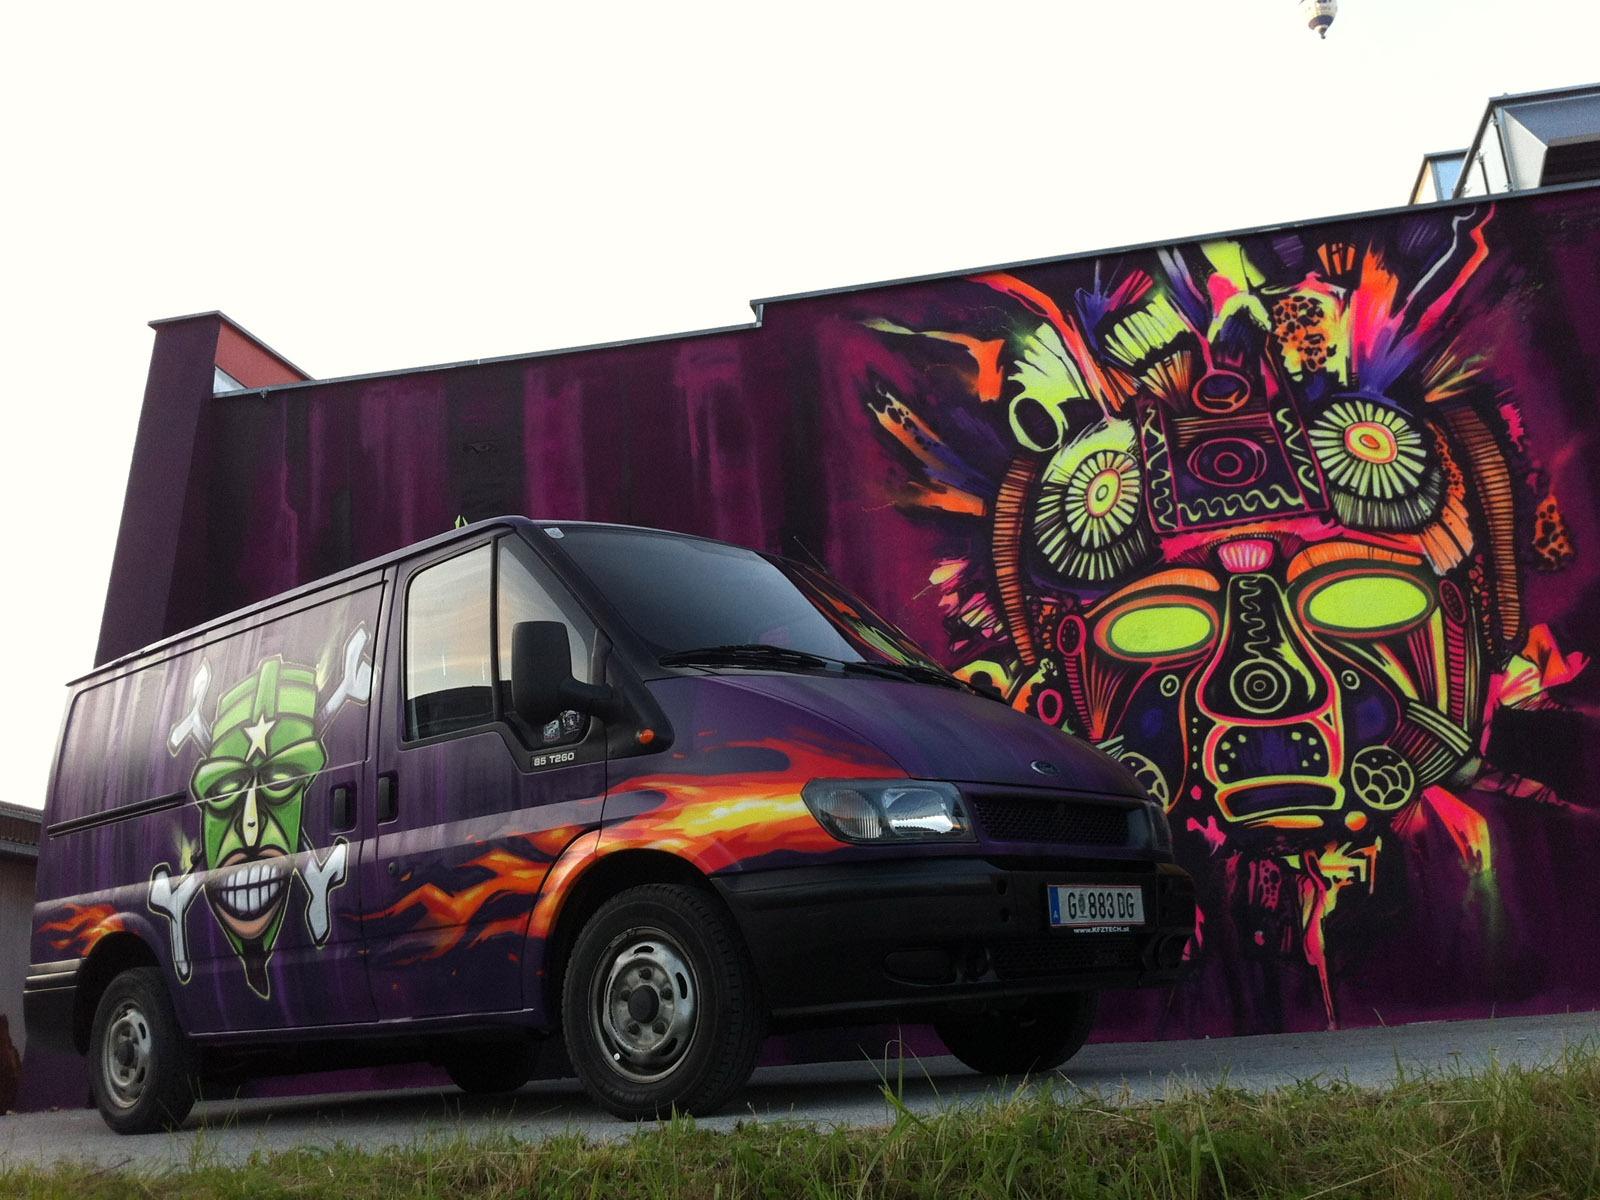 graffitiauftrag-graffitikuenstler-artmos4-voodoo-disco-fassadengestaltung-auto-maske-neon